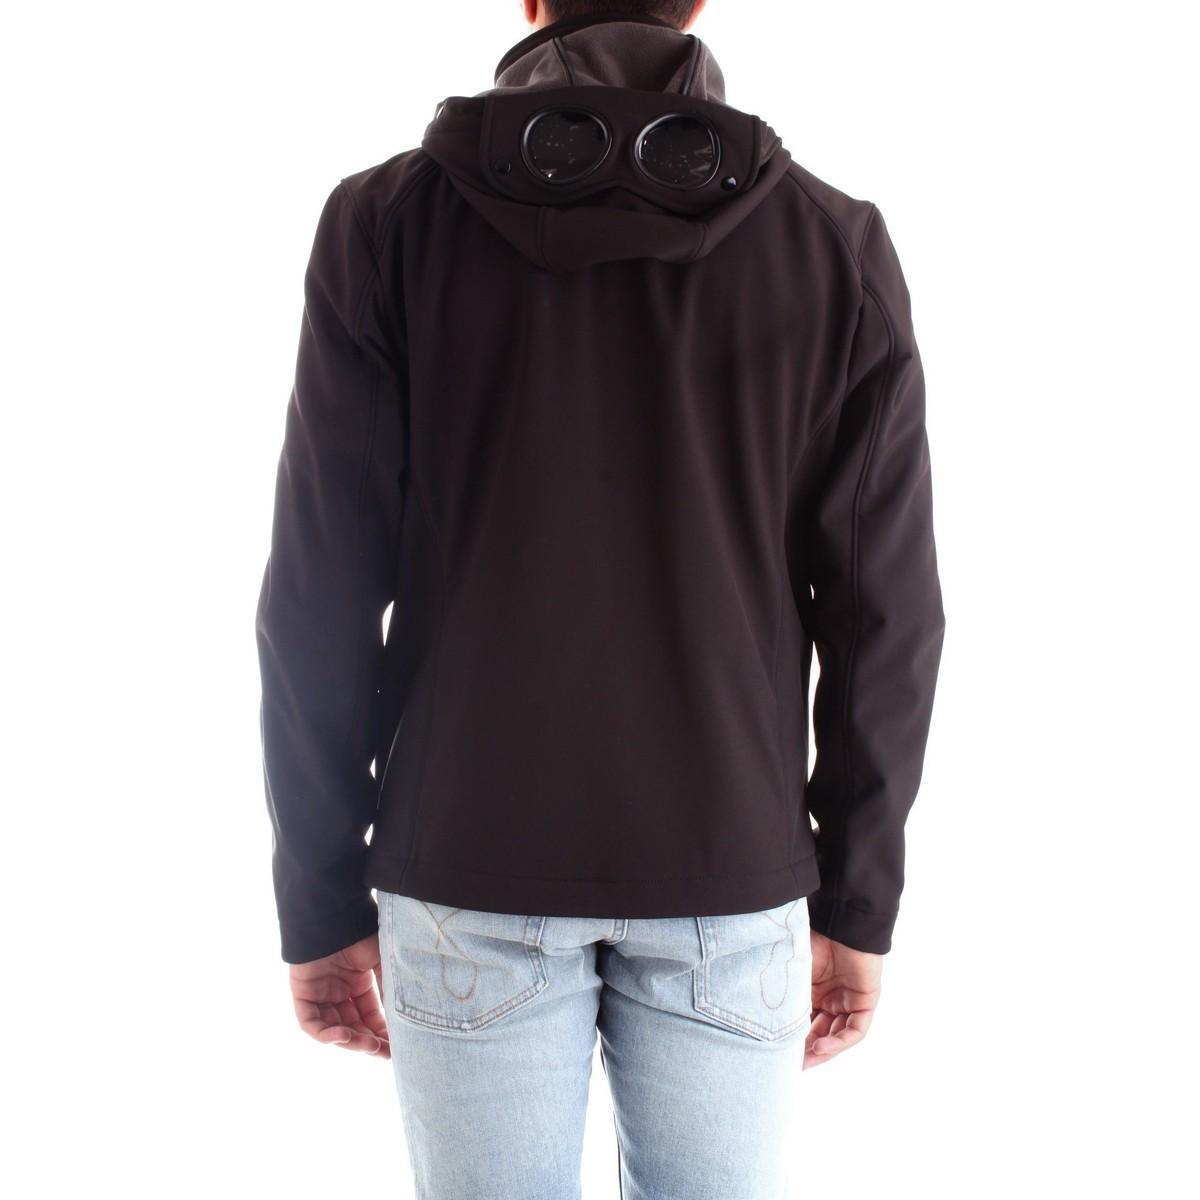 07CMOW014A-005242A hommes Blouson en Noir C P Company pour homme en coloris Noir 9dDhh